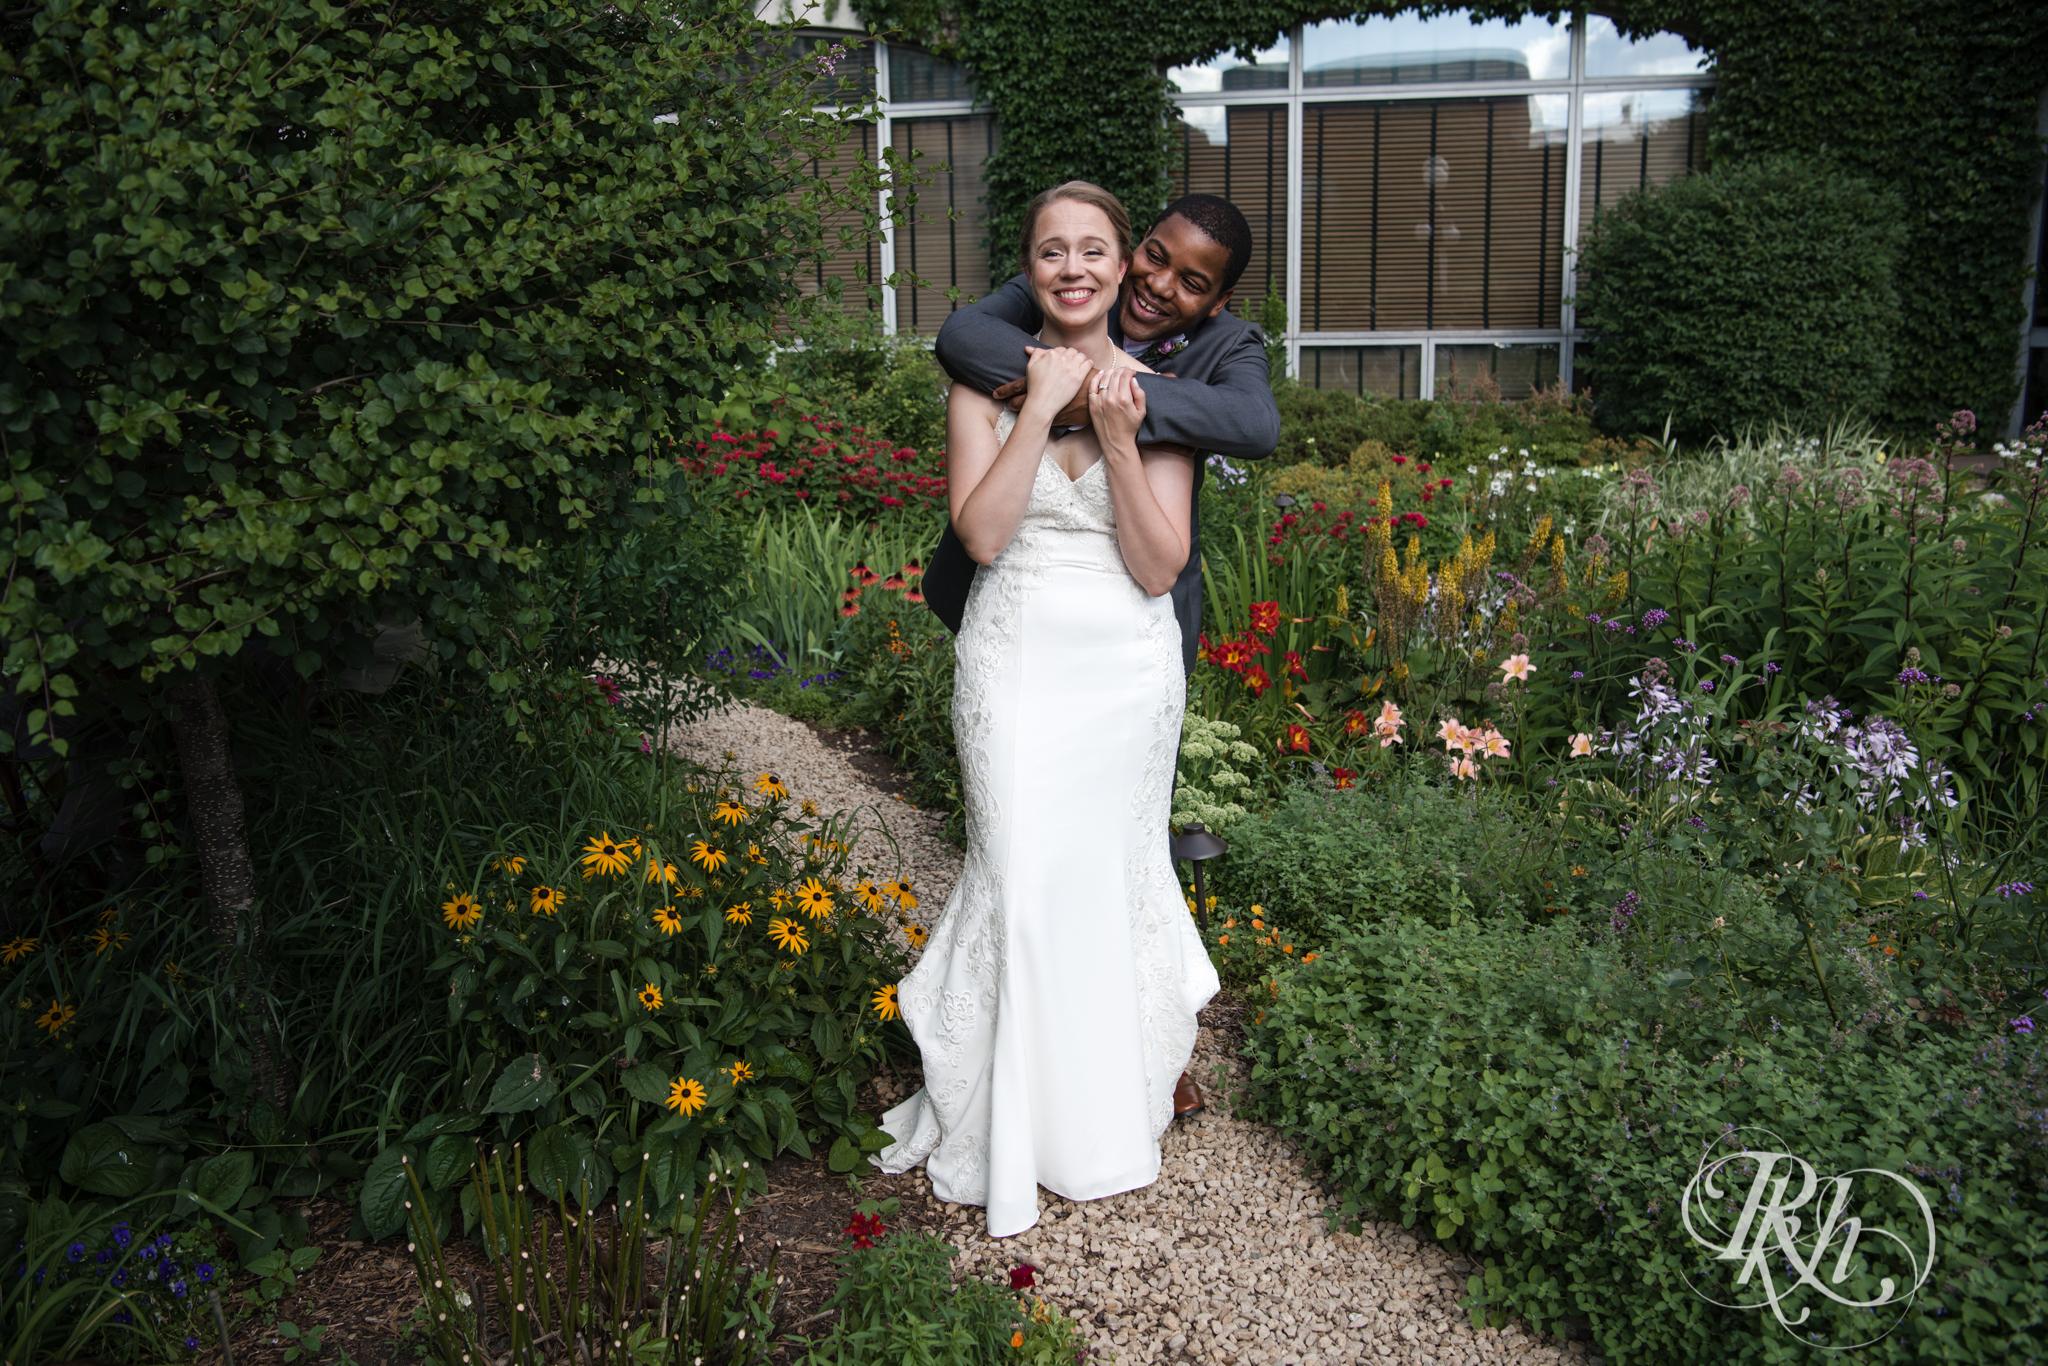 Laura and Adekunle - Minnesota Wedding Photographer - Minnesota History Center - RKH Images - Blog (44 of 75).jpg